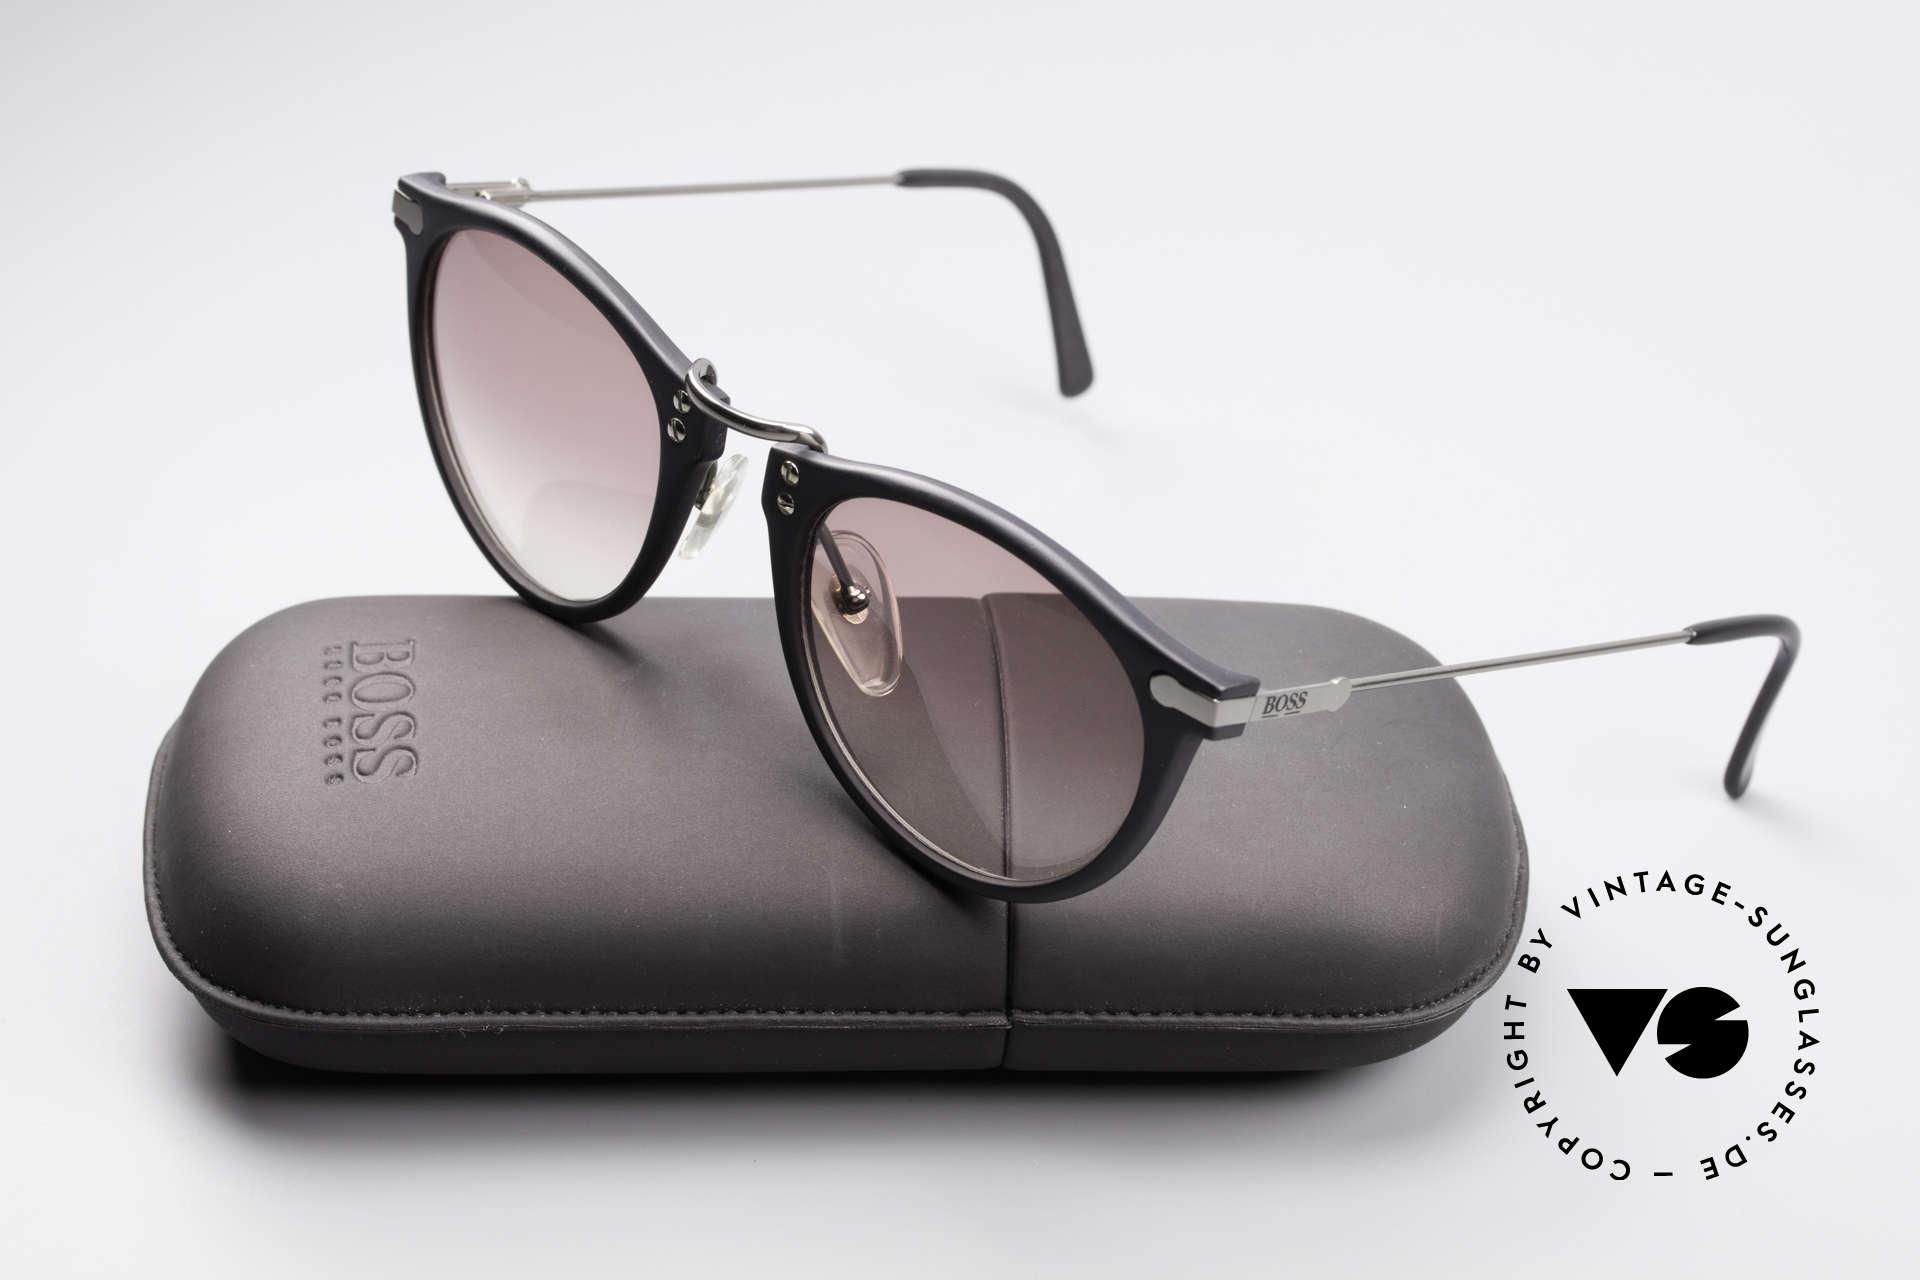 BOSS 5152 - L 90er Panto Sonnenbrille Large, KEINE Retrobrille; ein DesignKlassiker in Large 52/22, Passend für Herren